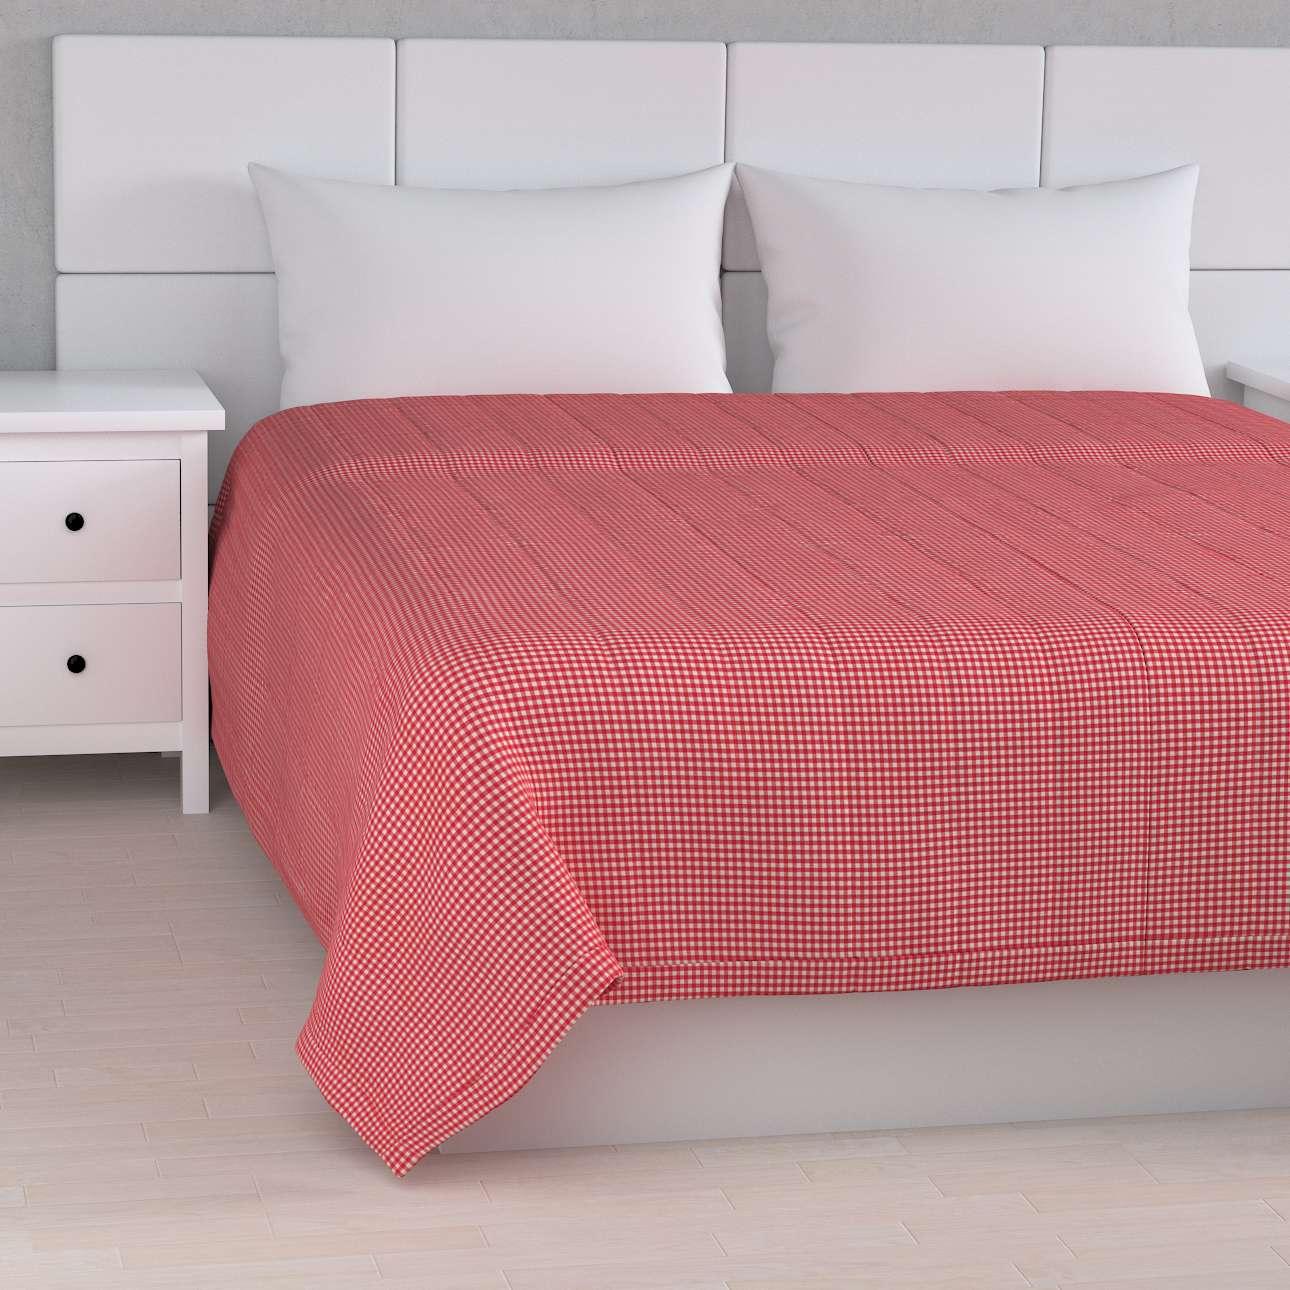 Tagesdecke mit Streifen-Steppung von der Kollektion Quadro, Stoff: 136-15